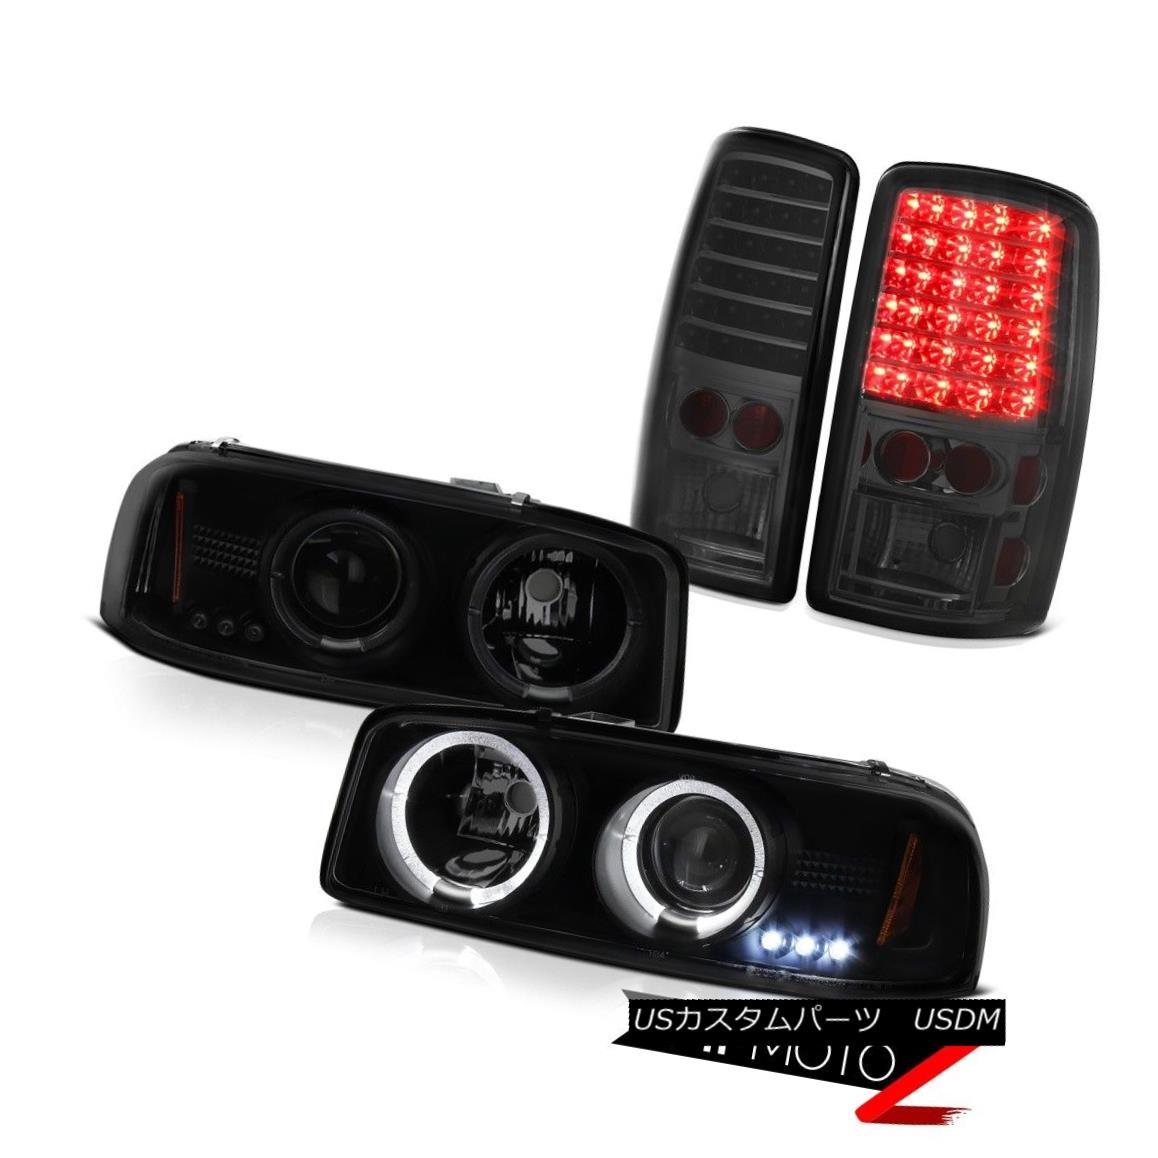 テールライト Sinister Black Headlights Halo Ring Dark LED Brake Tail Lights 00-06 GMC Yukon シニスターブラックヘッドライトハローリングダークLEDブレーキテールライト00-06 GMCユーコン